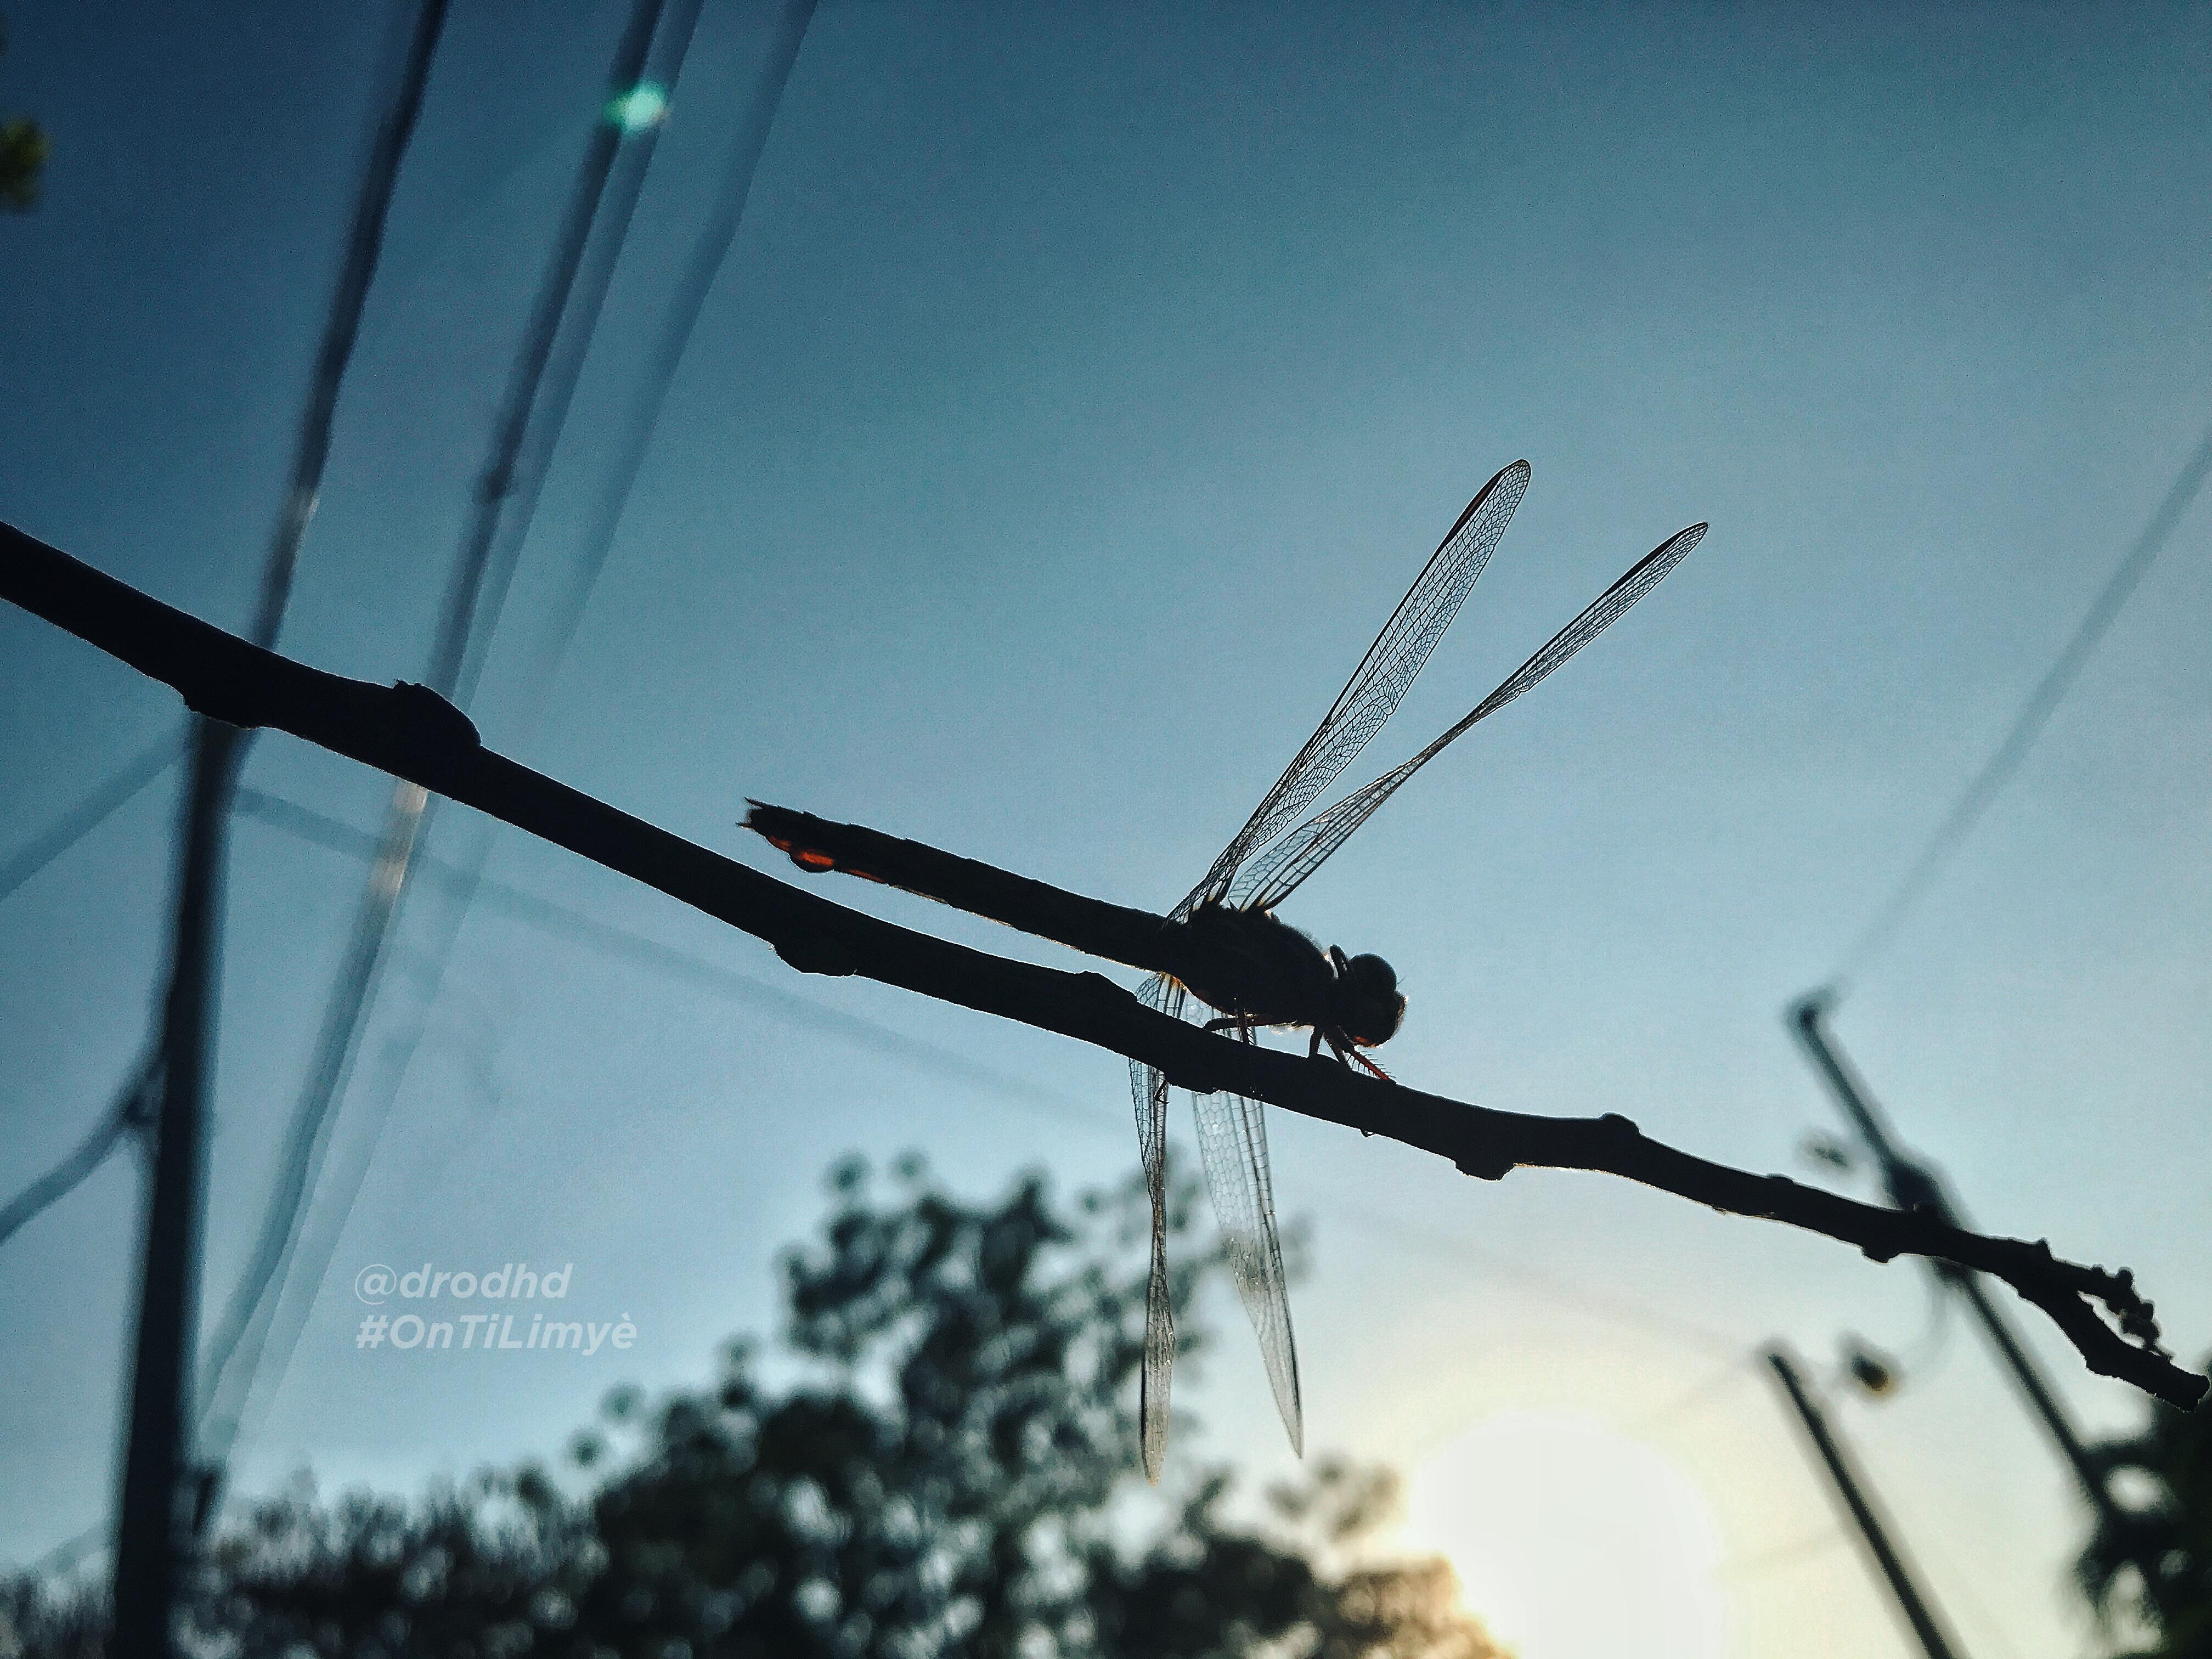 Taken by D-ROD